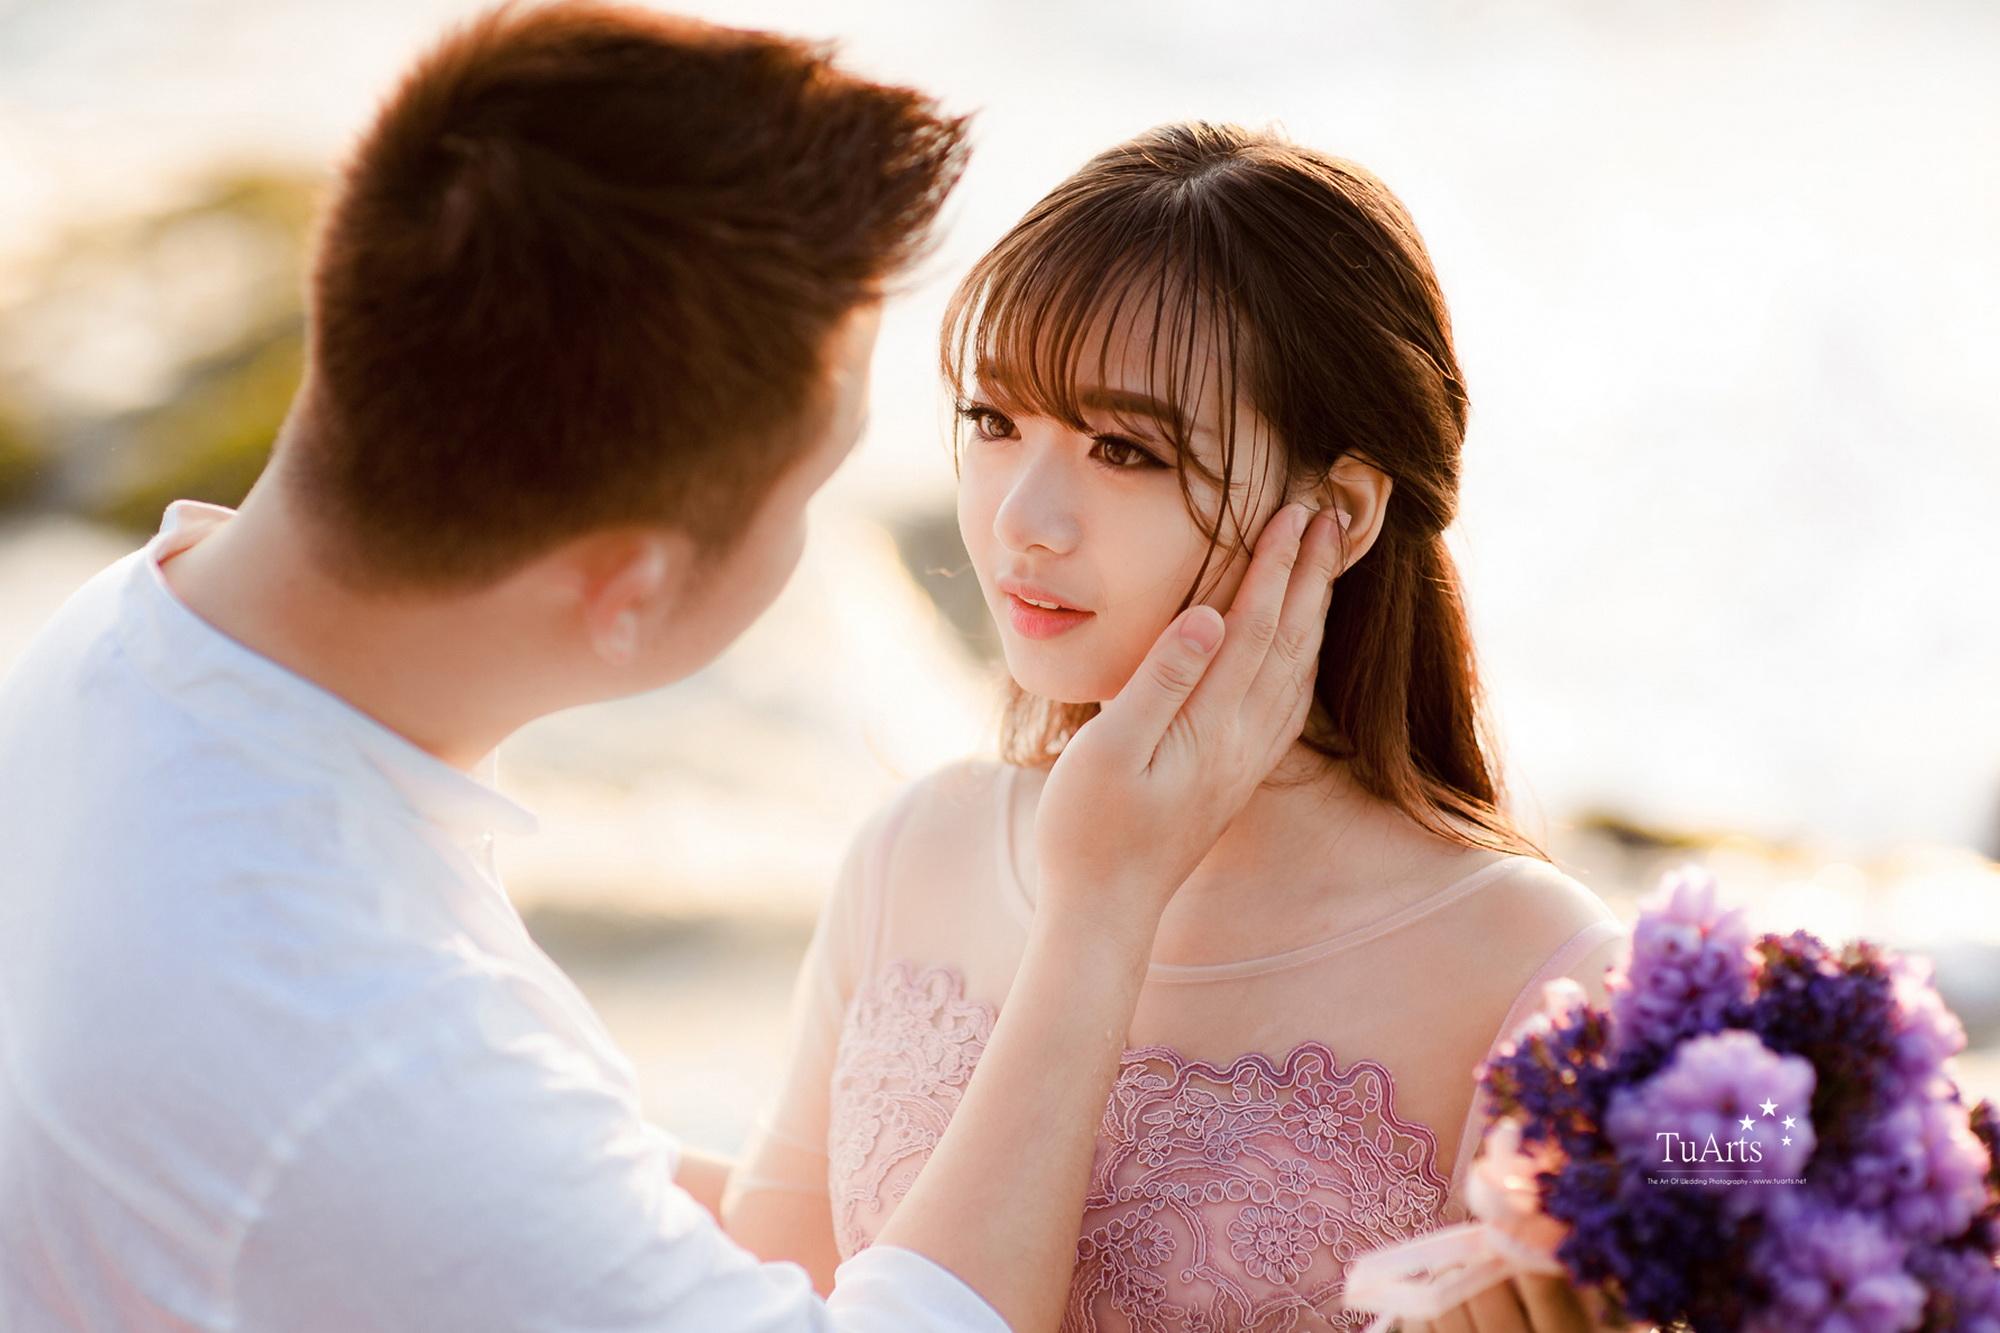 Trong hôn nhân chồng là đất, vợ là hoa, nếu đất cằn cỗi thì hoa làm sao nở rực rỡ vào sớm mai - Ảnh 4